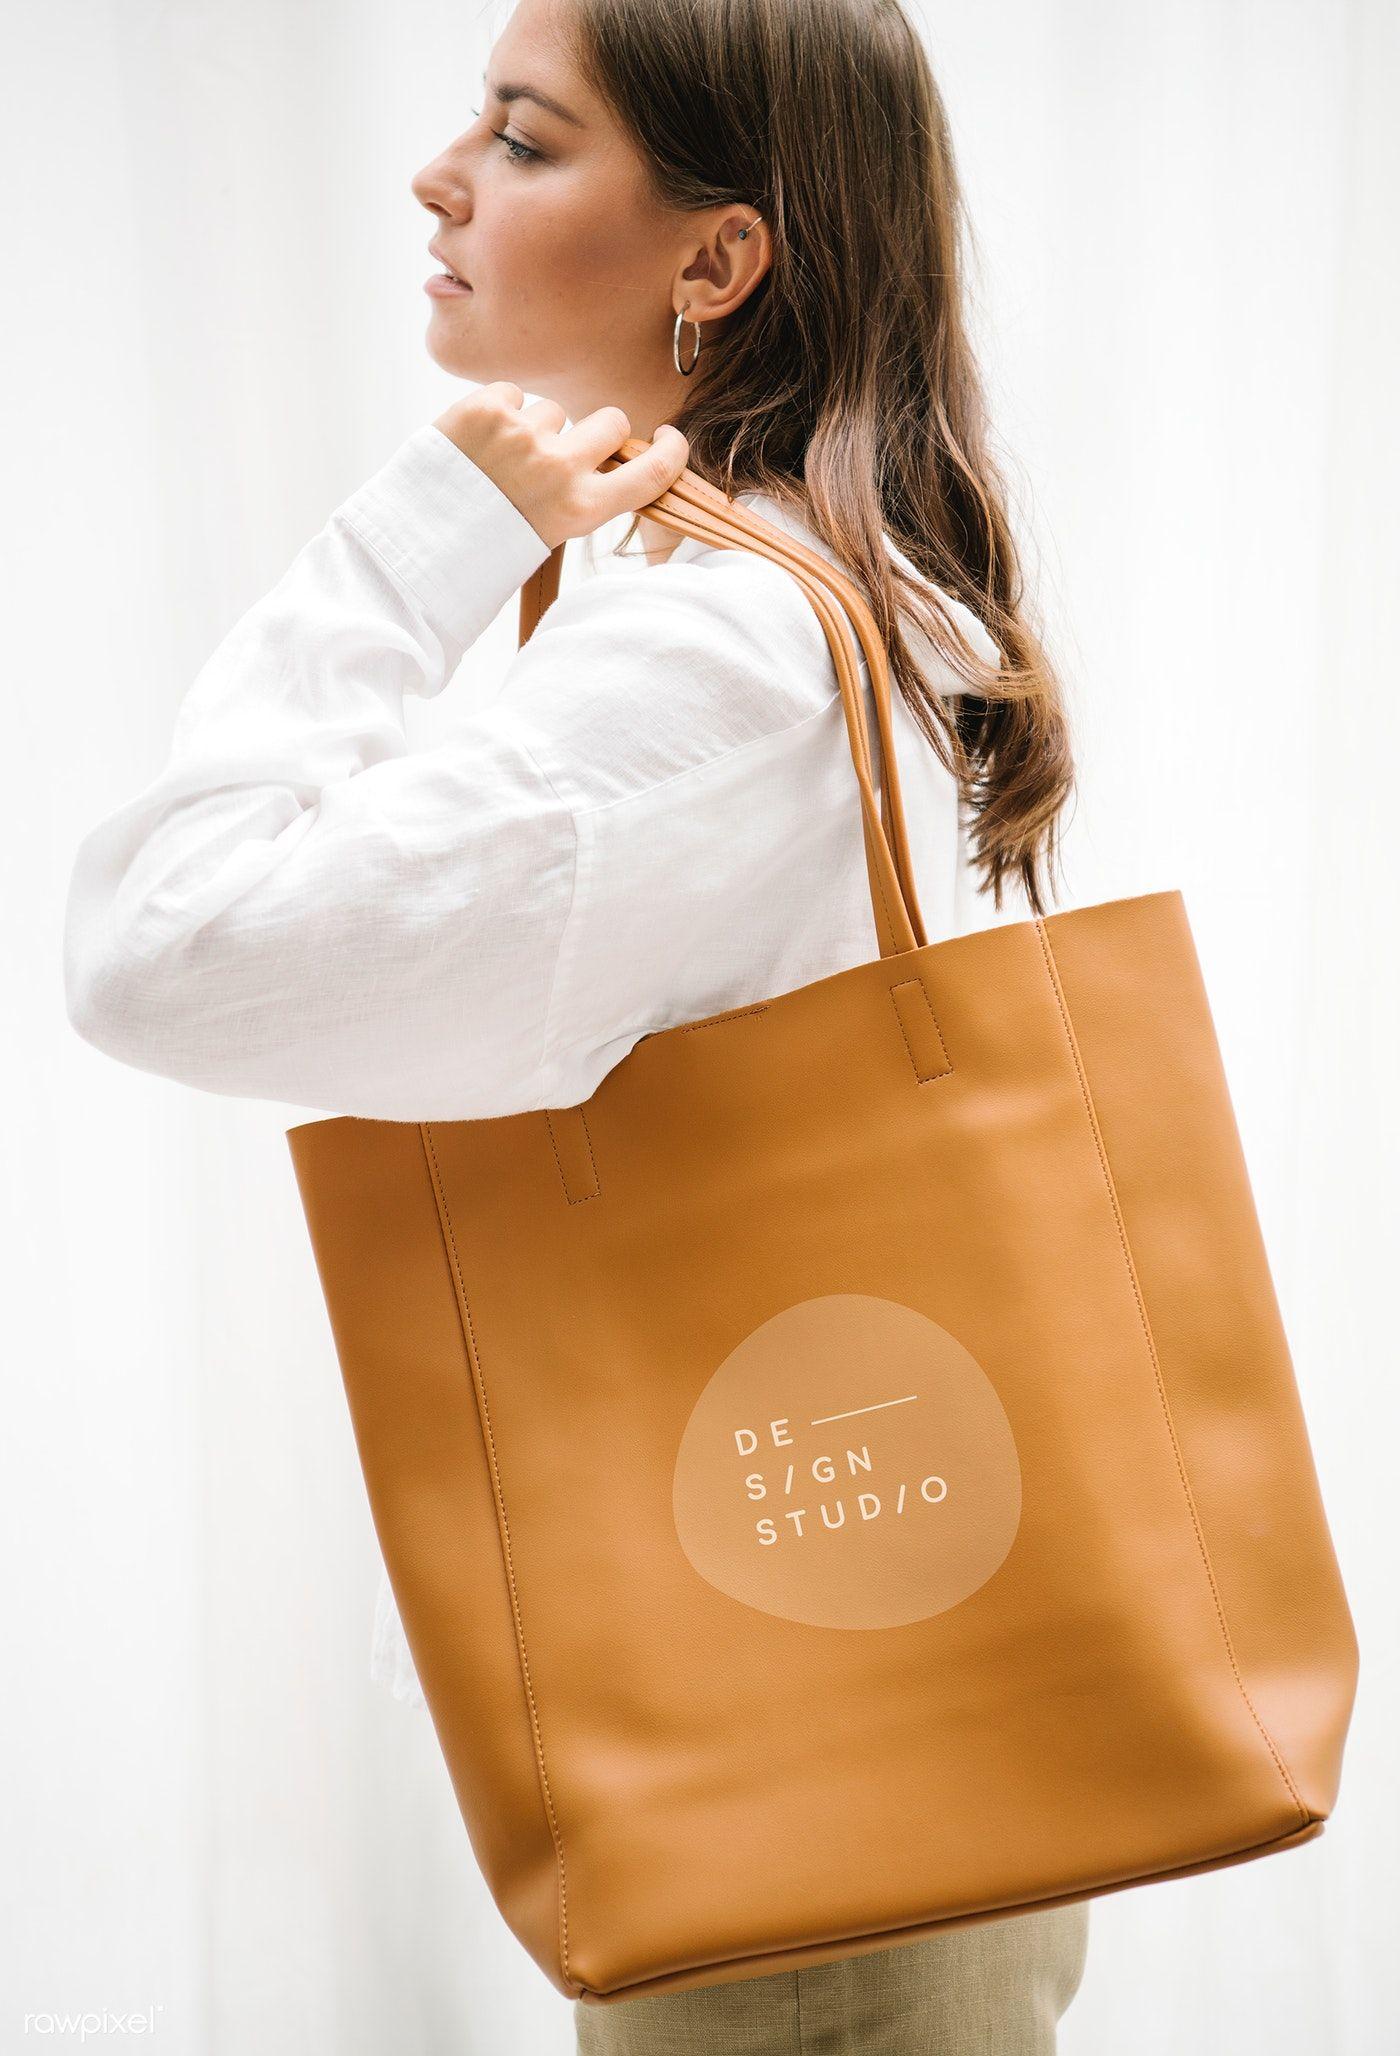 Download Download Premium Psd Of Woman Carrying A Brown Handbag Mockup 1215167 Brown Handbag Tan Leather Bag Design Mockup Free